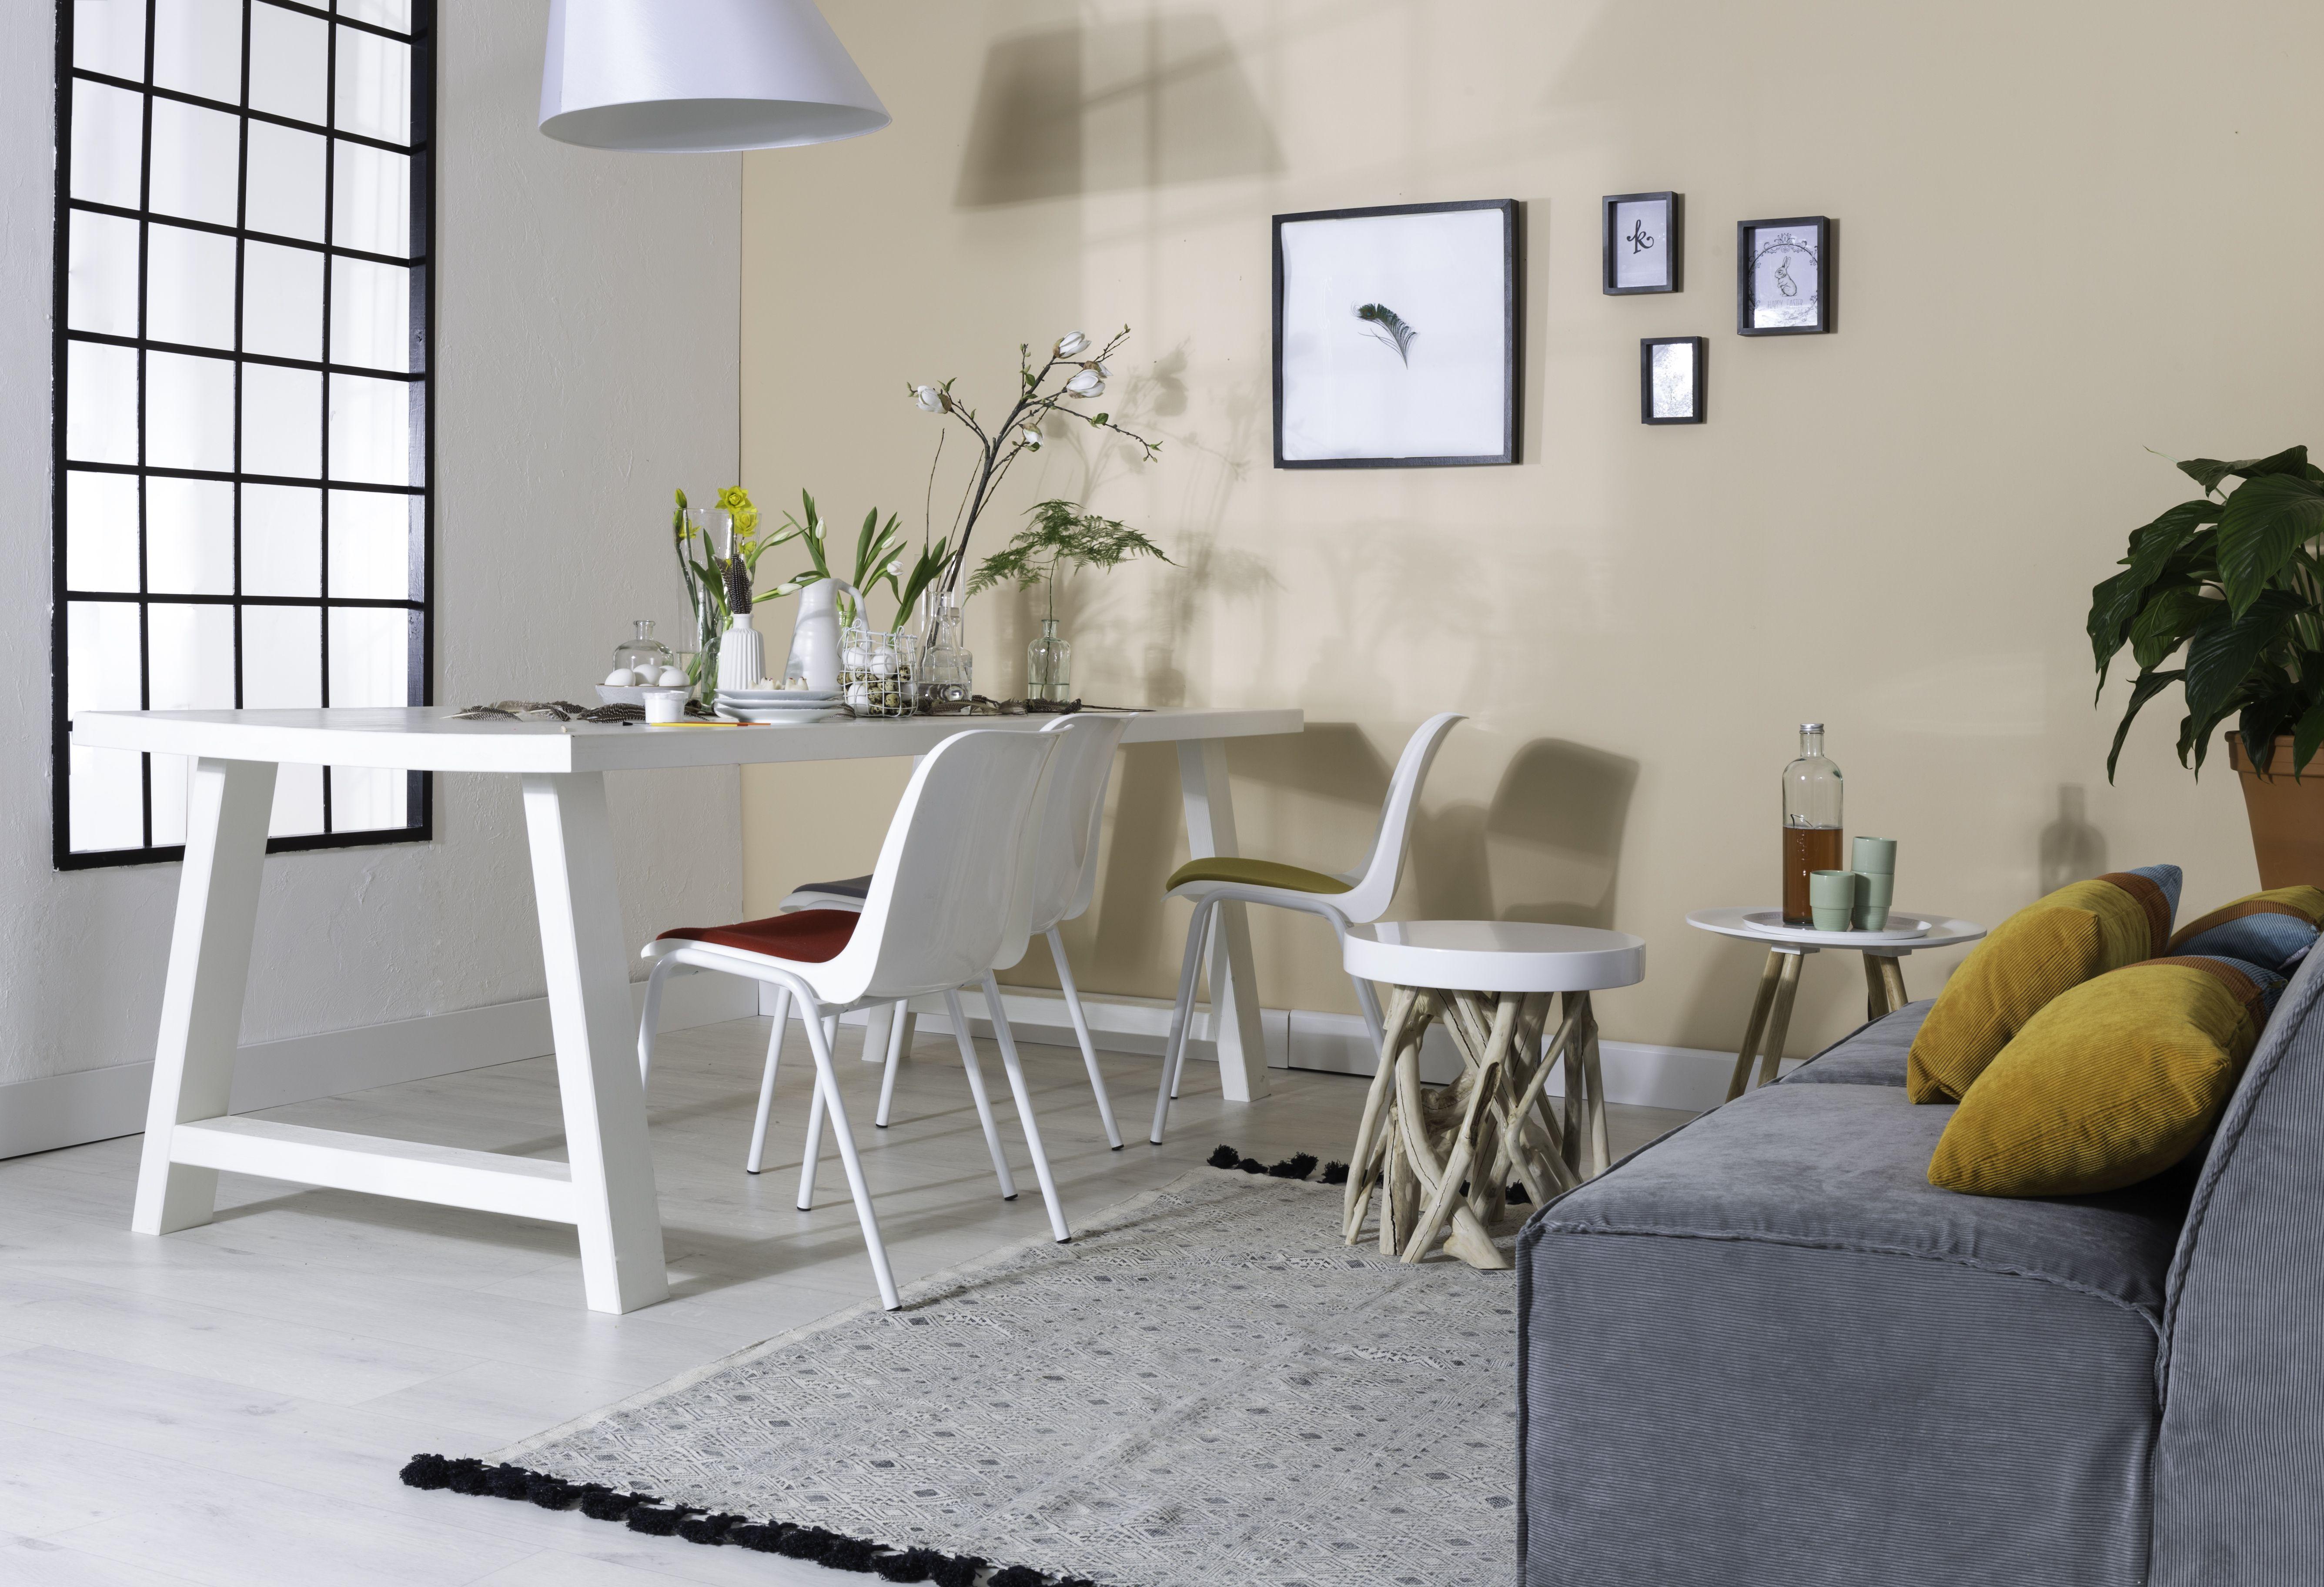 Koekoek Meubelen » Design merken meubelen tapijten tuinmeubelen ...